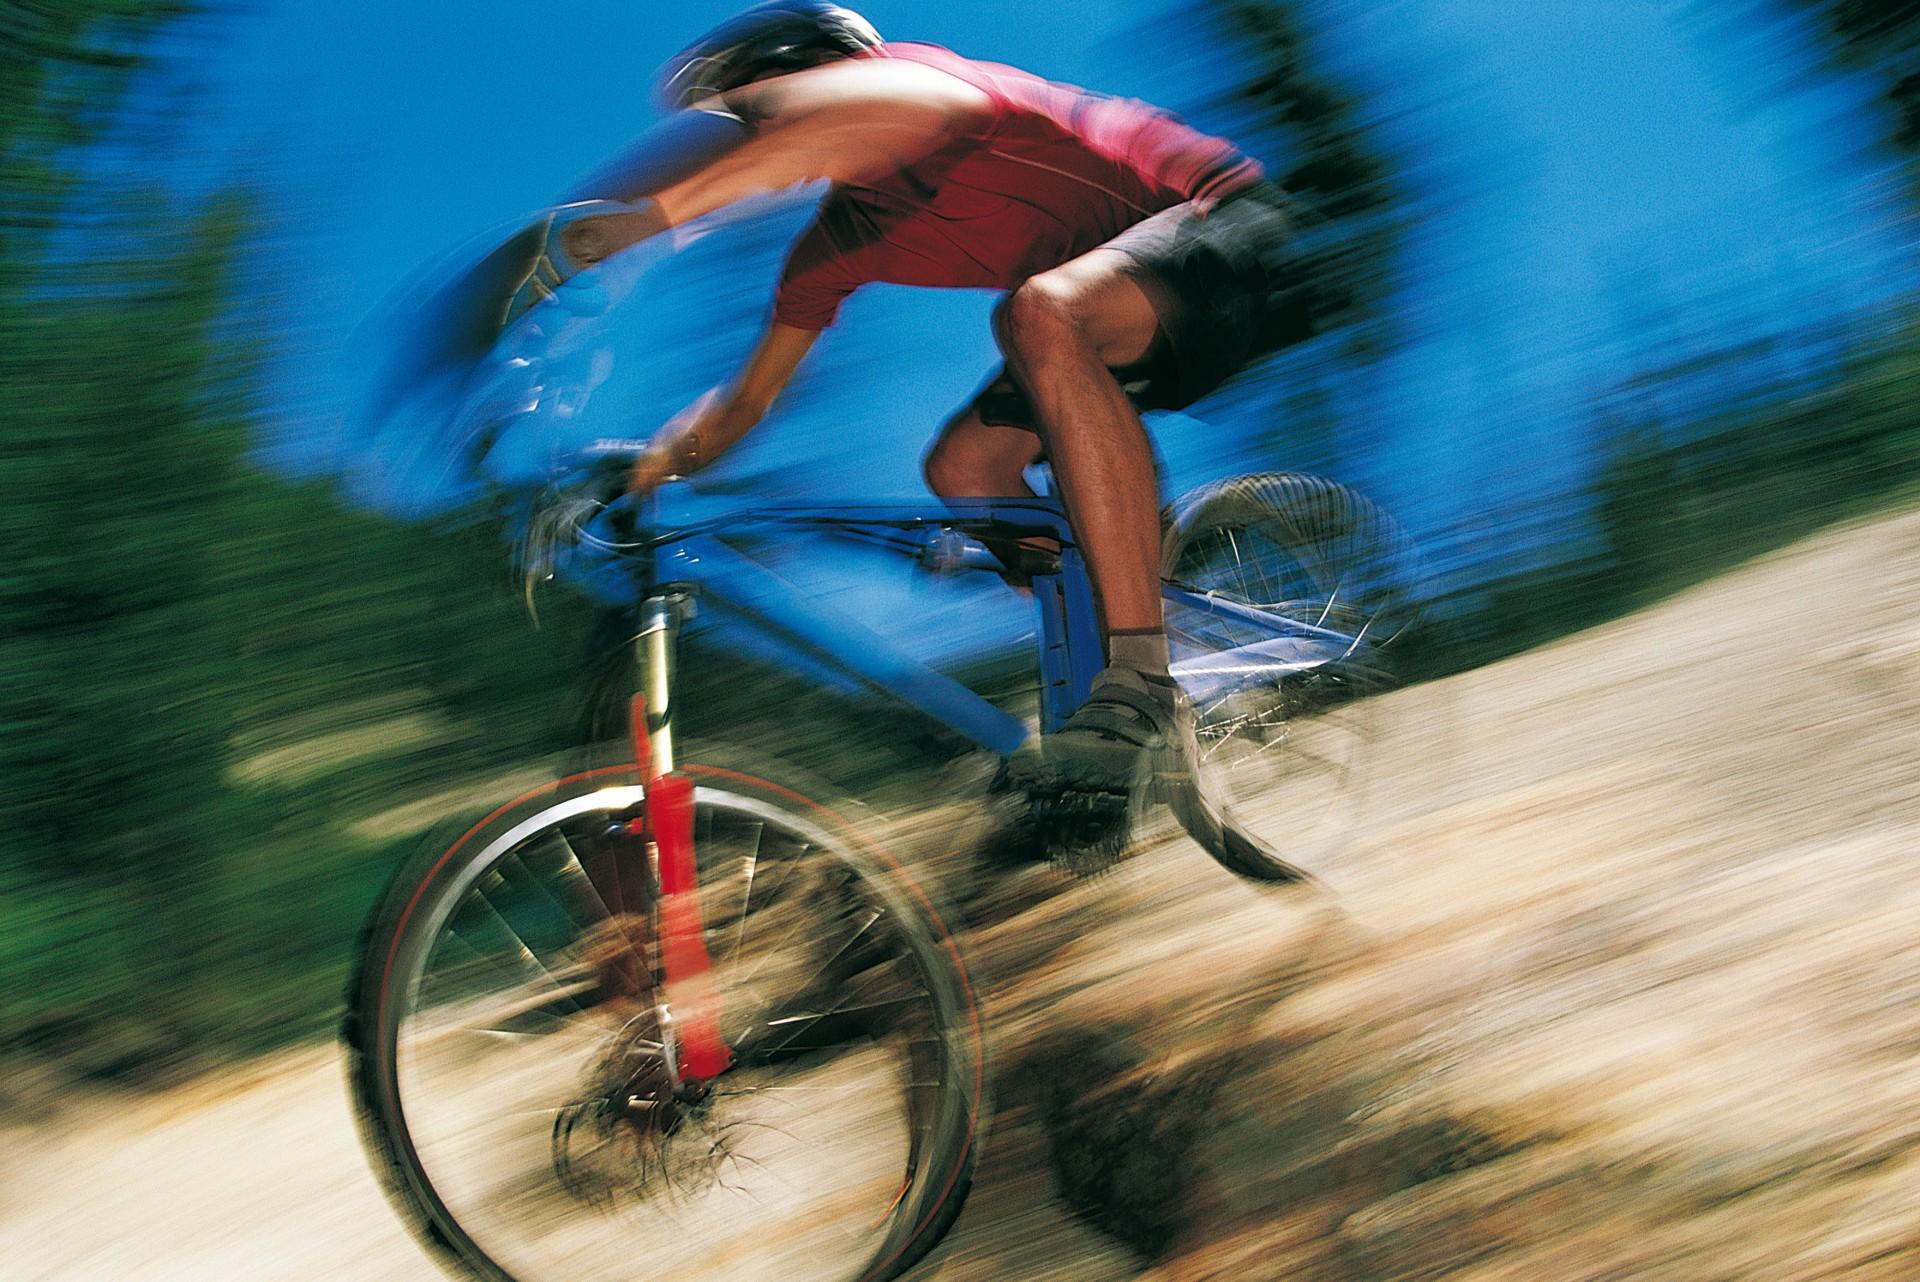 Best of 3D – High Octane Vol. 1 – Vol. 3: Extreme Biking 3D